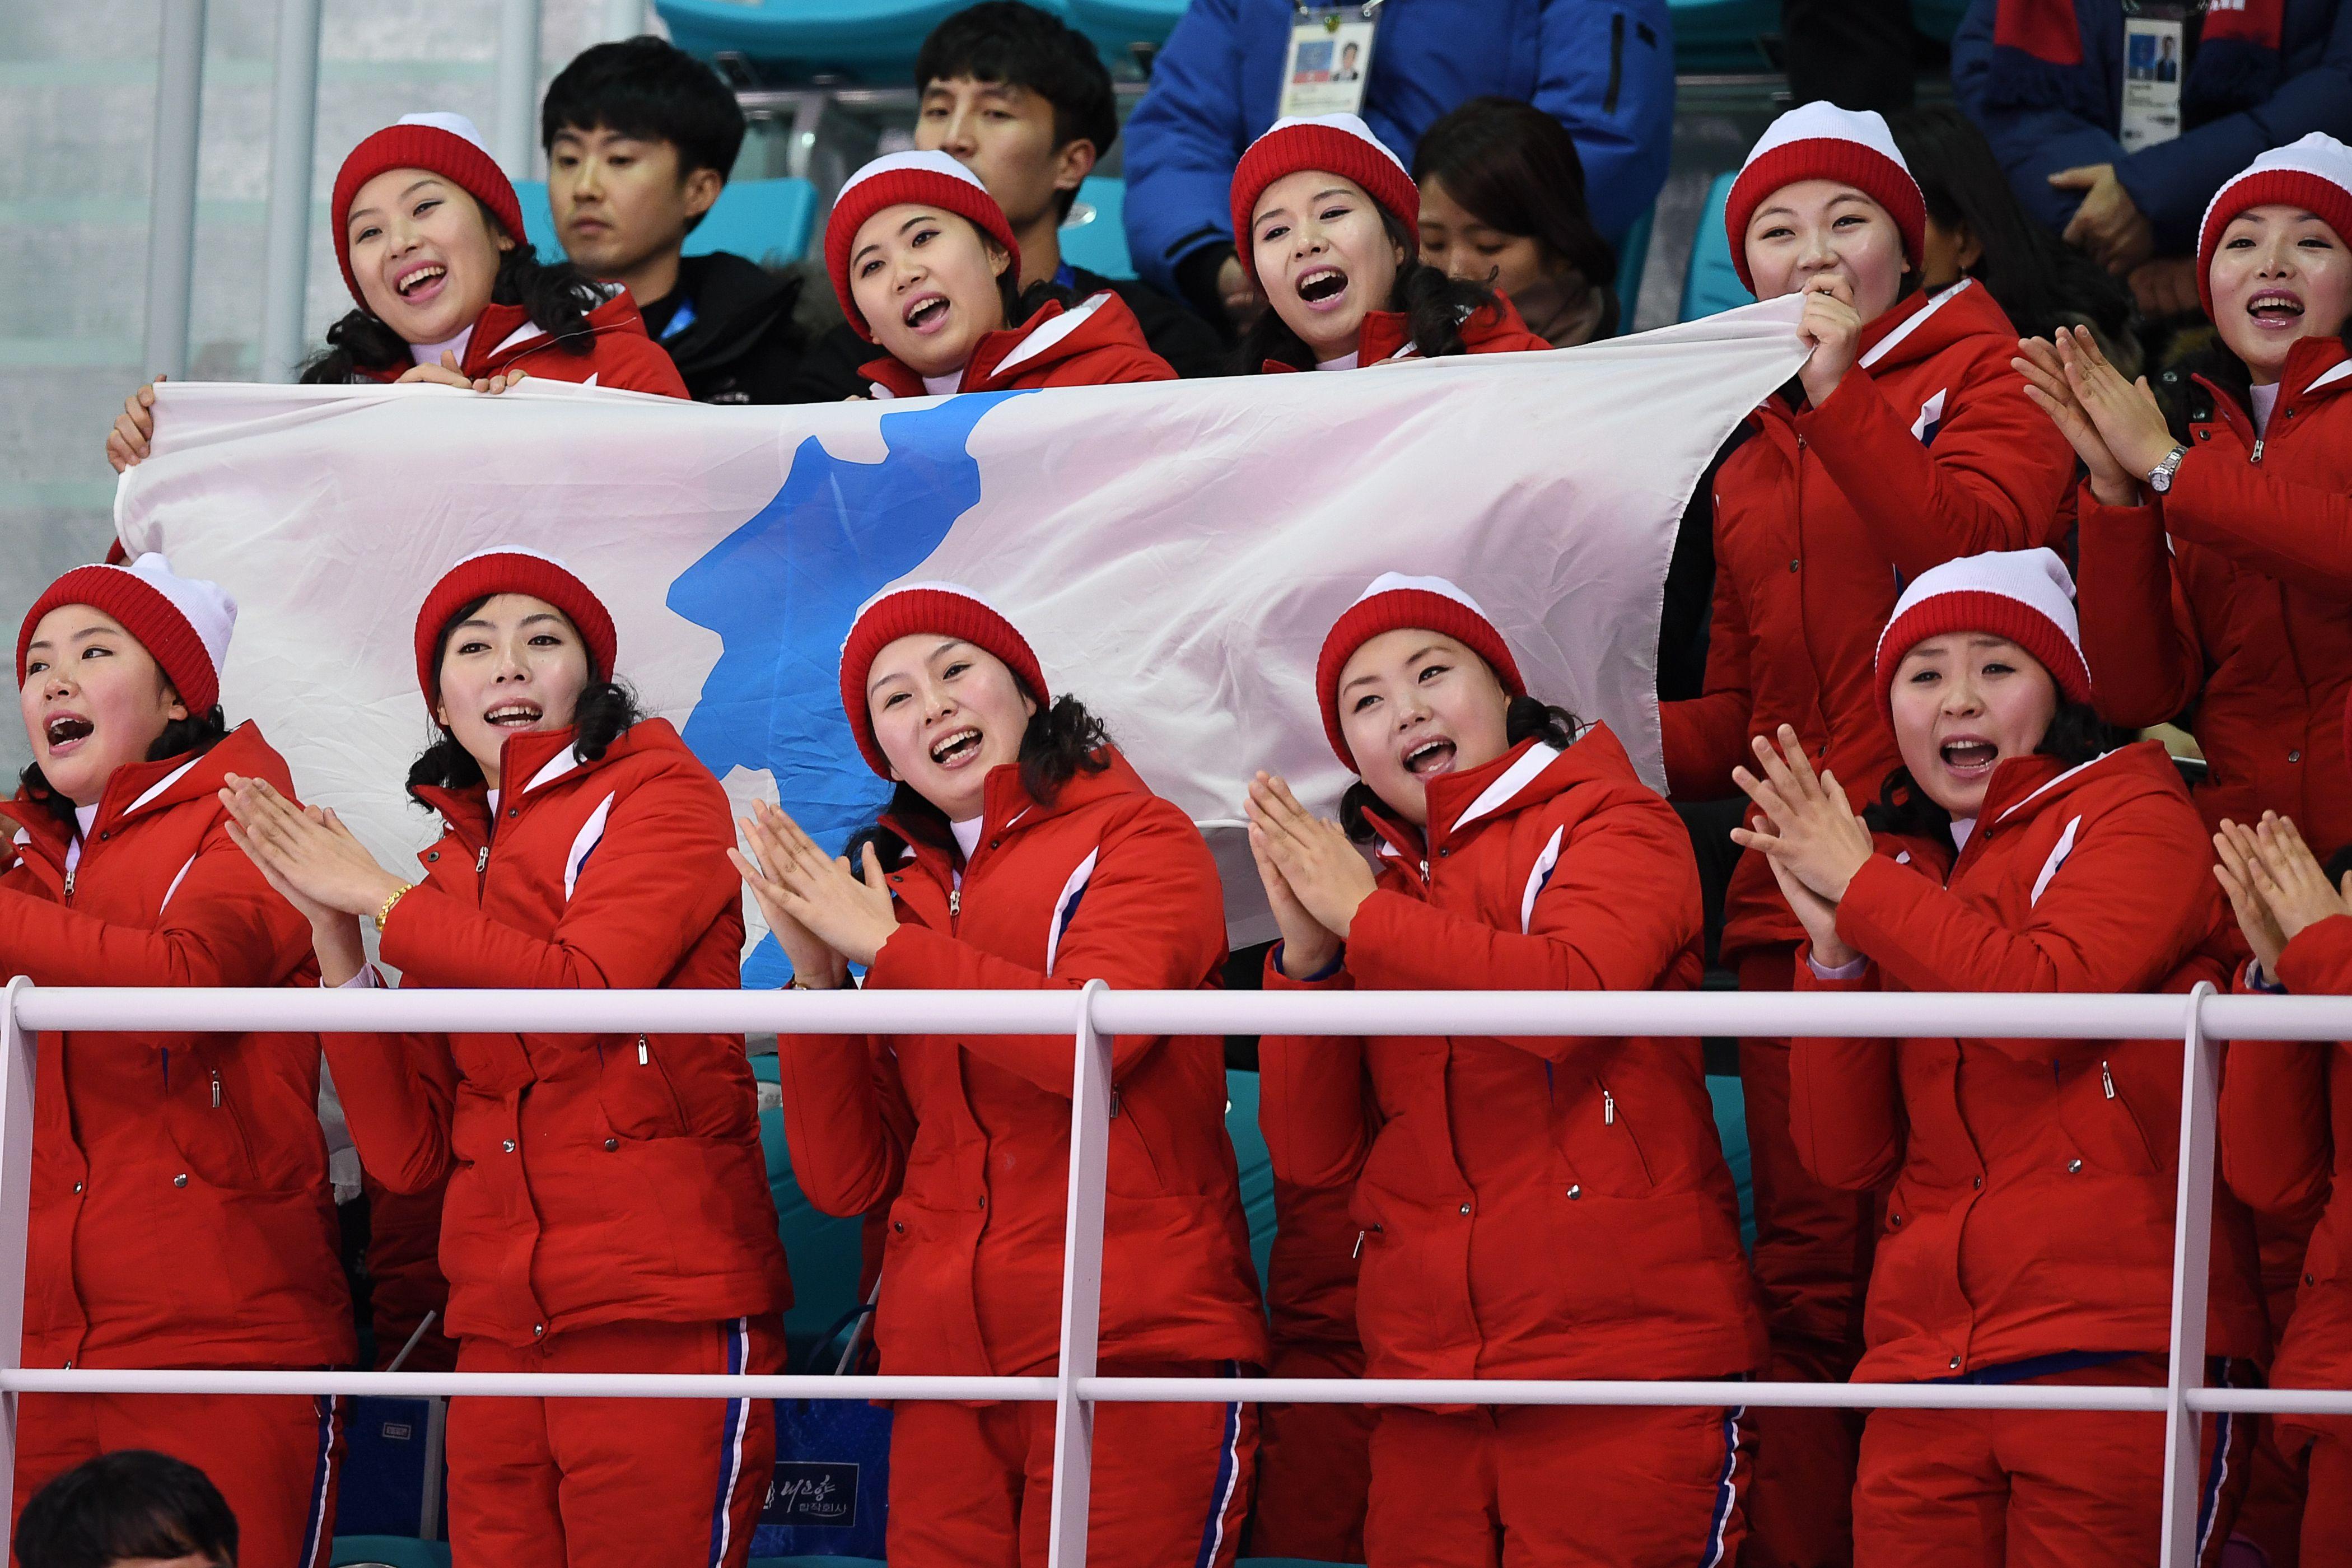 Começam os Jogos Olímpicos de Inverno em PyeongChang, na Coreia do Sul